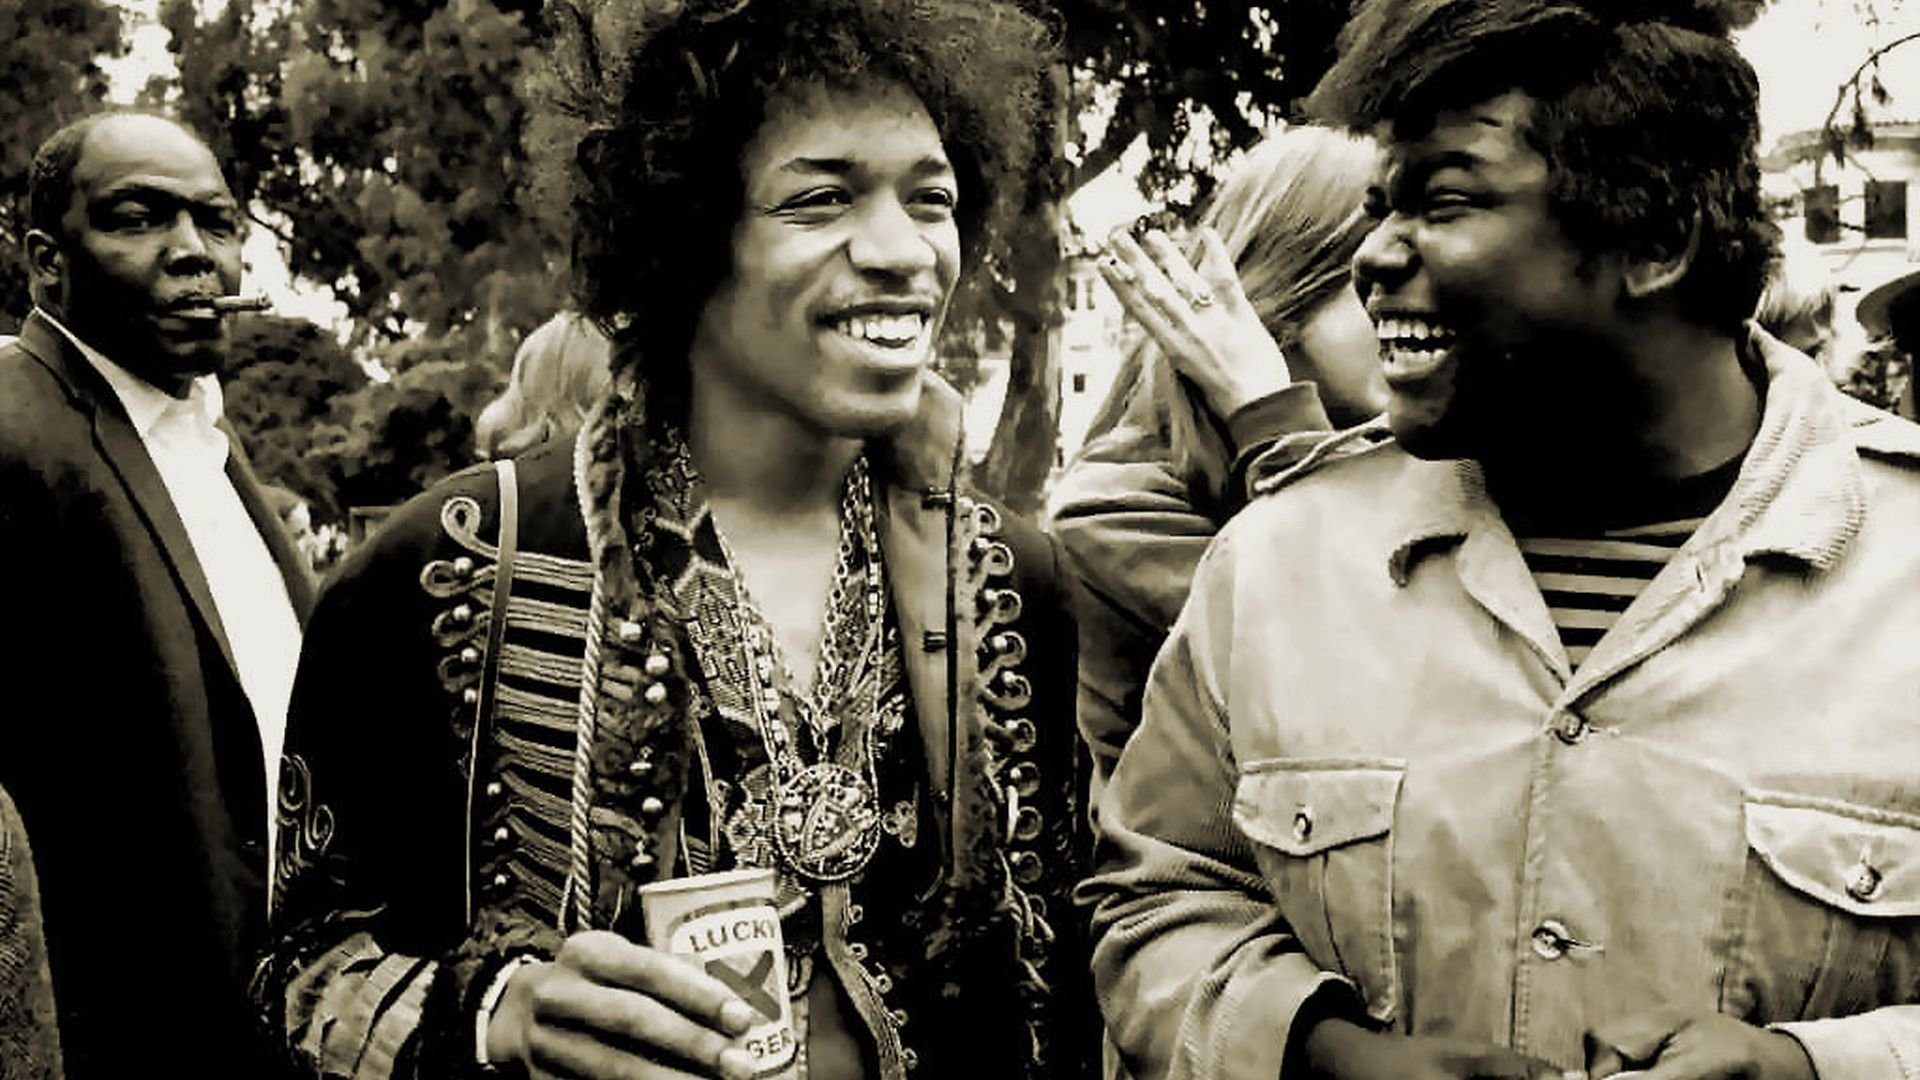 Free Download Jimi Hendrix Wallpaper Id293232 Full Hd